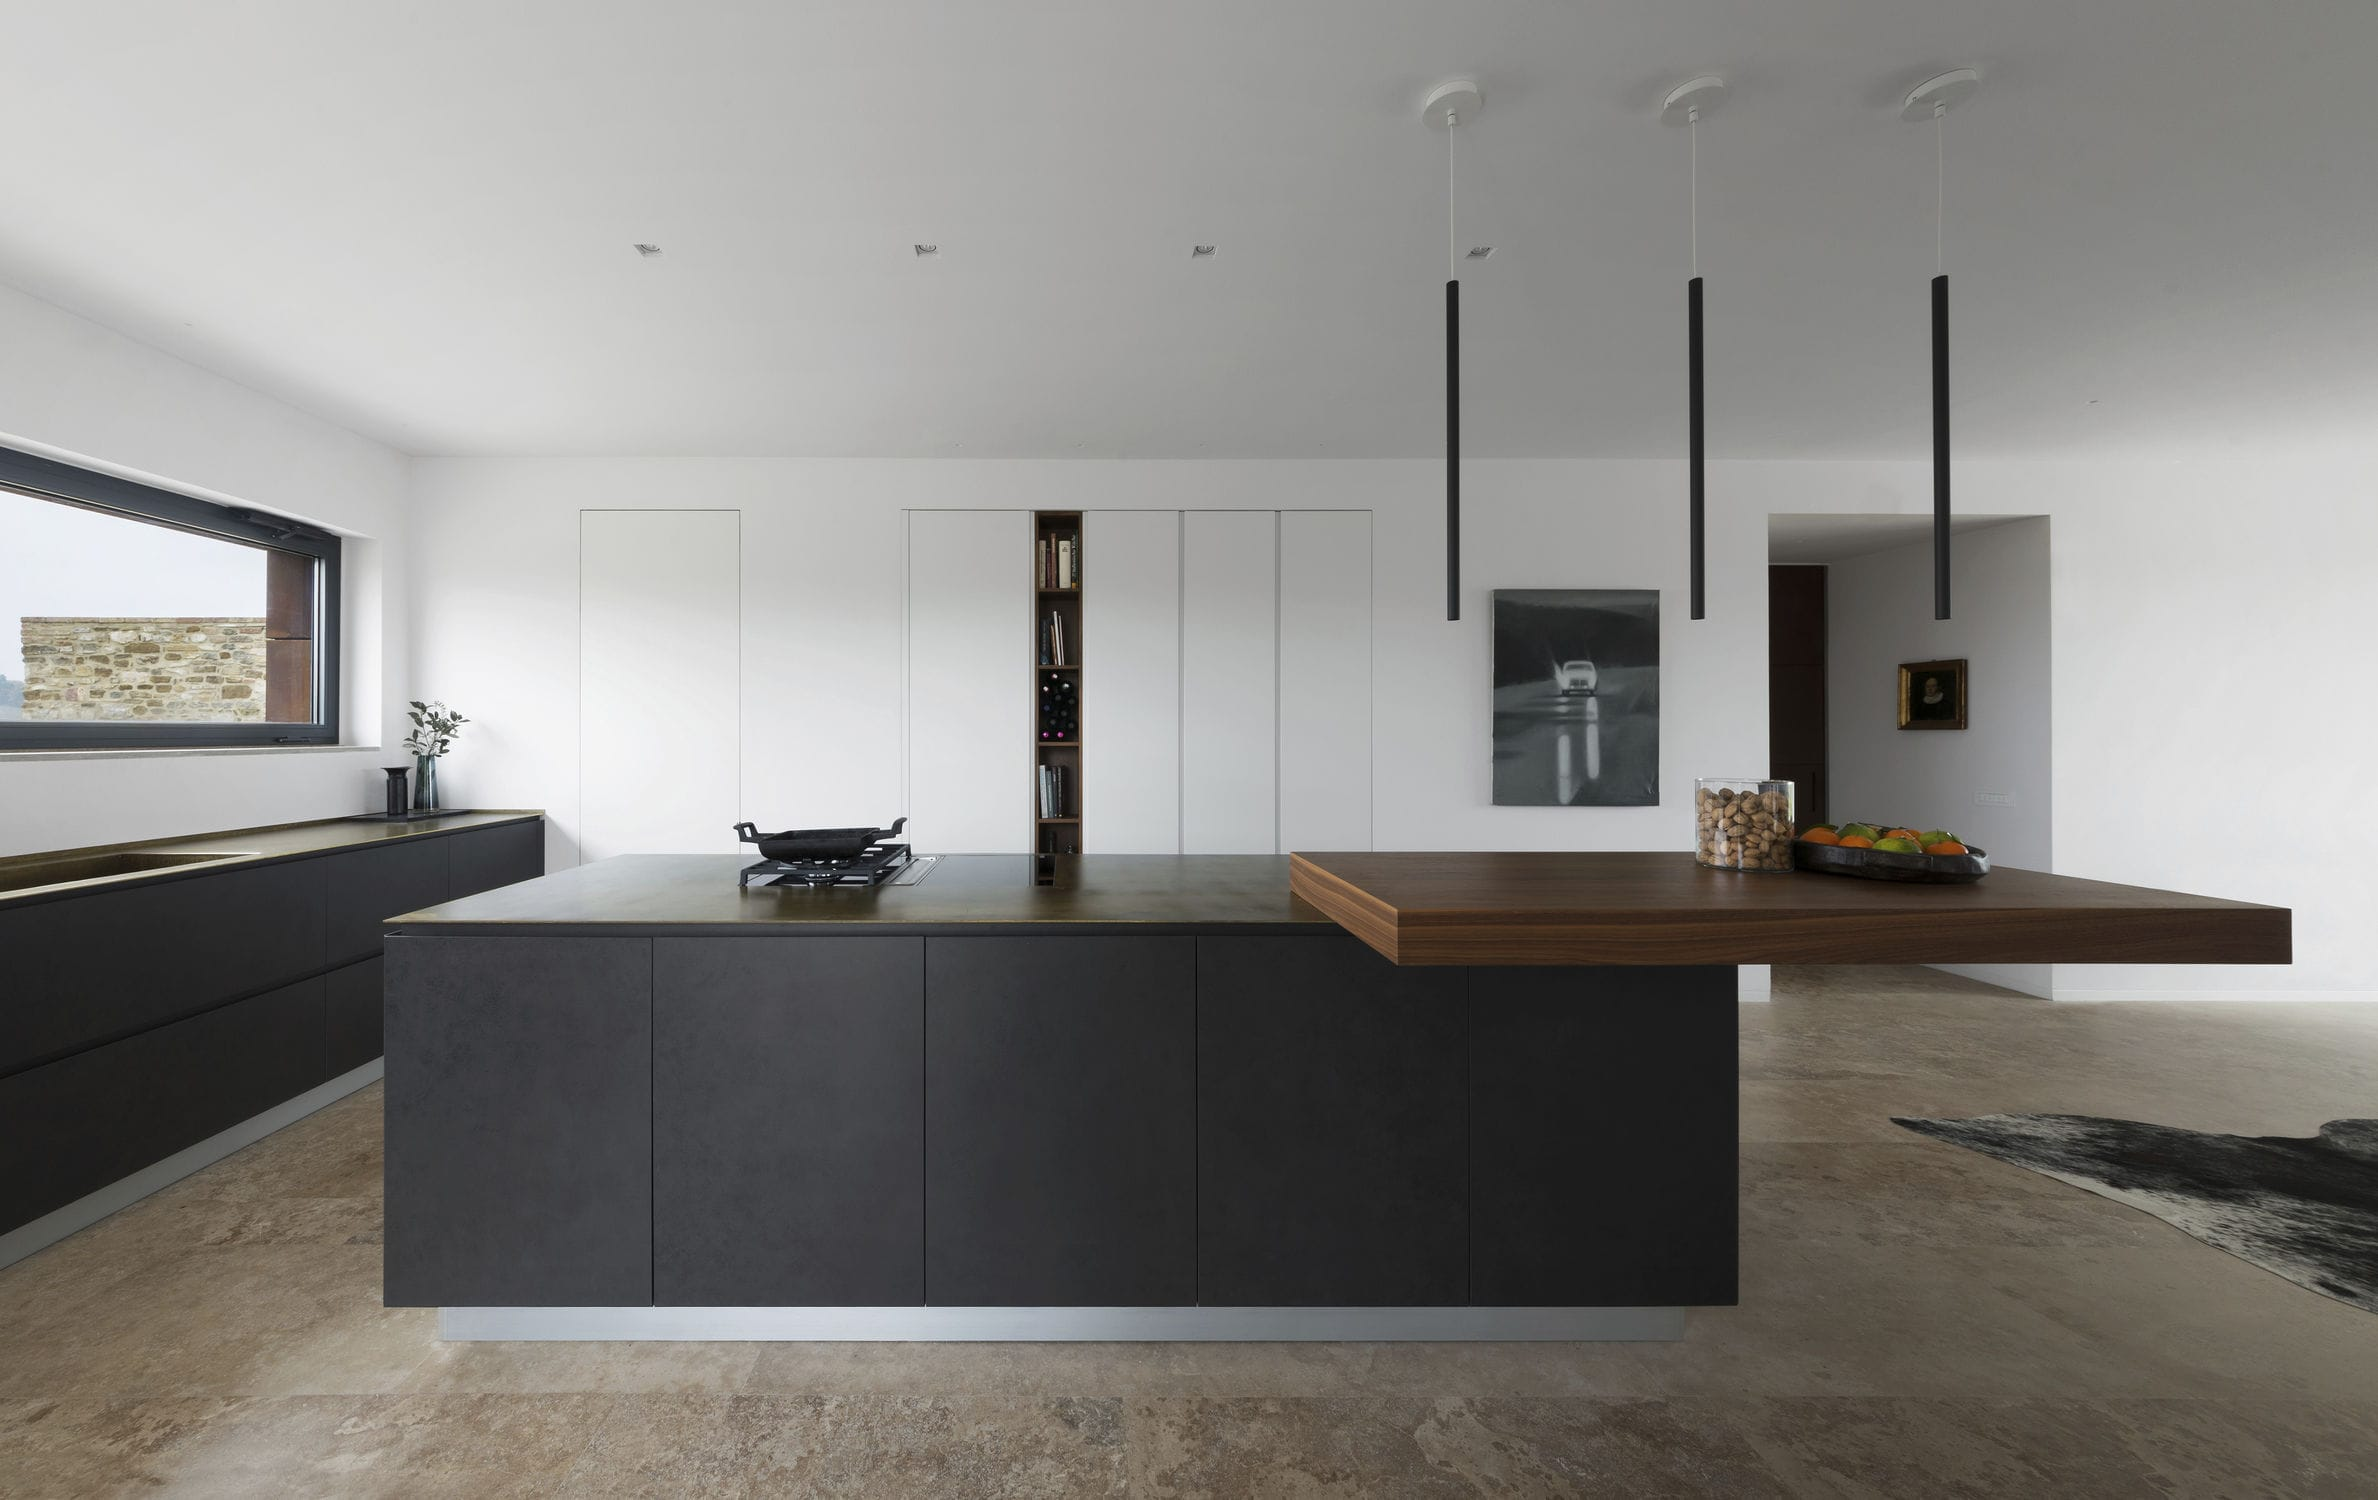 Moderne Küche / Holz / Kochinsel / ohne Griff - 201605 - CUCINA SU ...